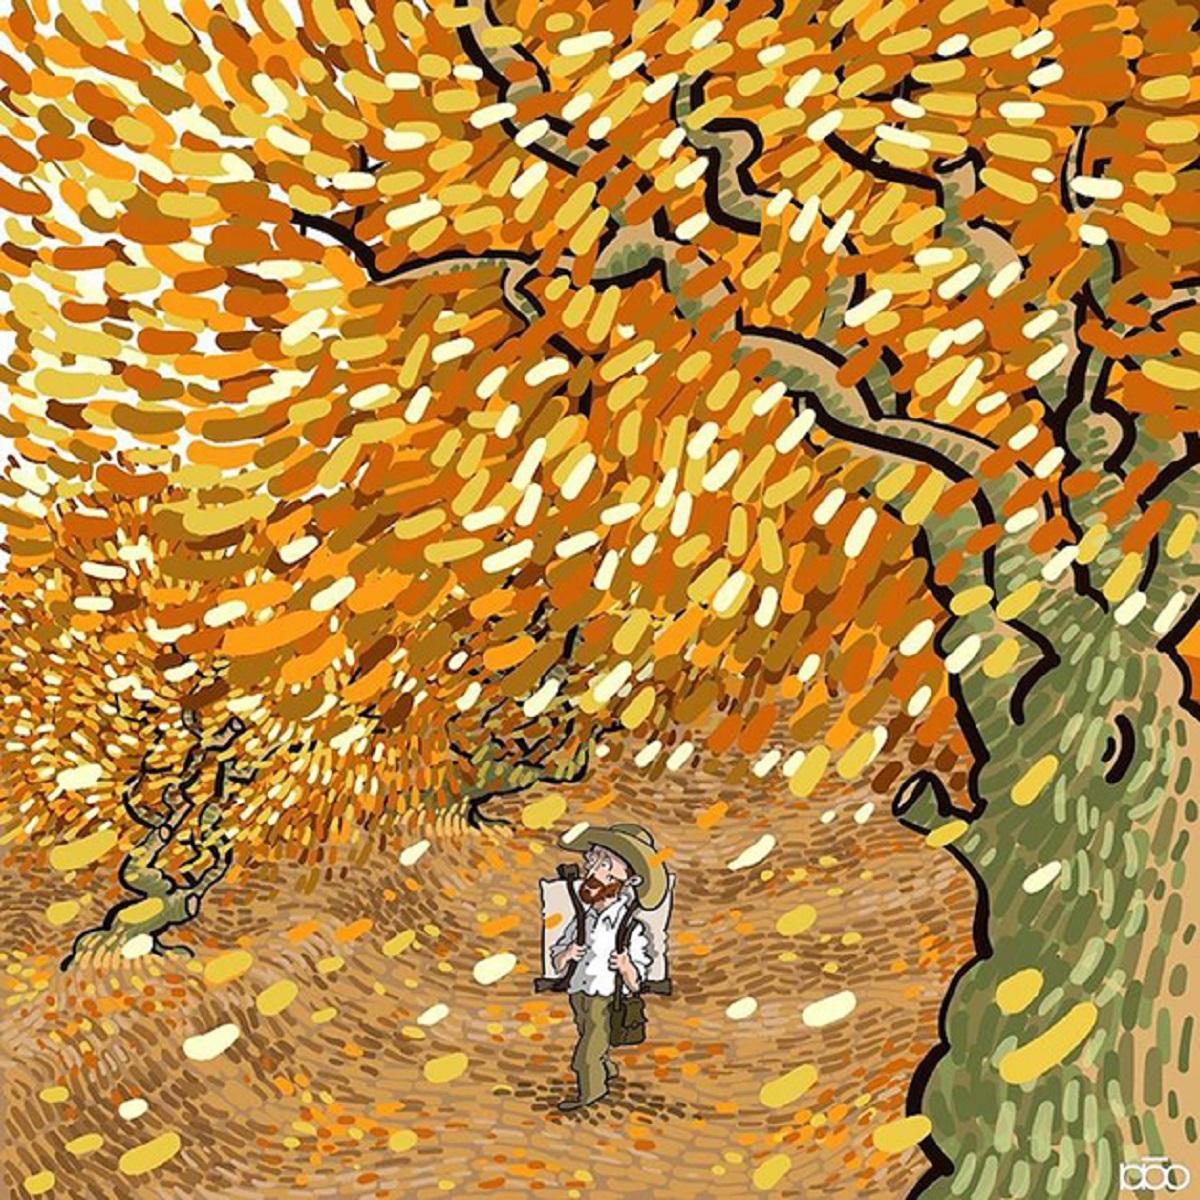 Karimi Van Gogh 06 - Ilustrador Iraniano desenhou a vida de Van Gogh em lindos quadrinhos